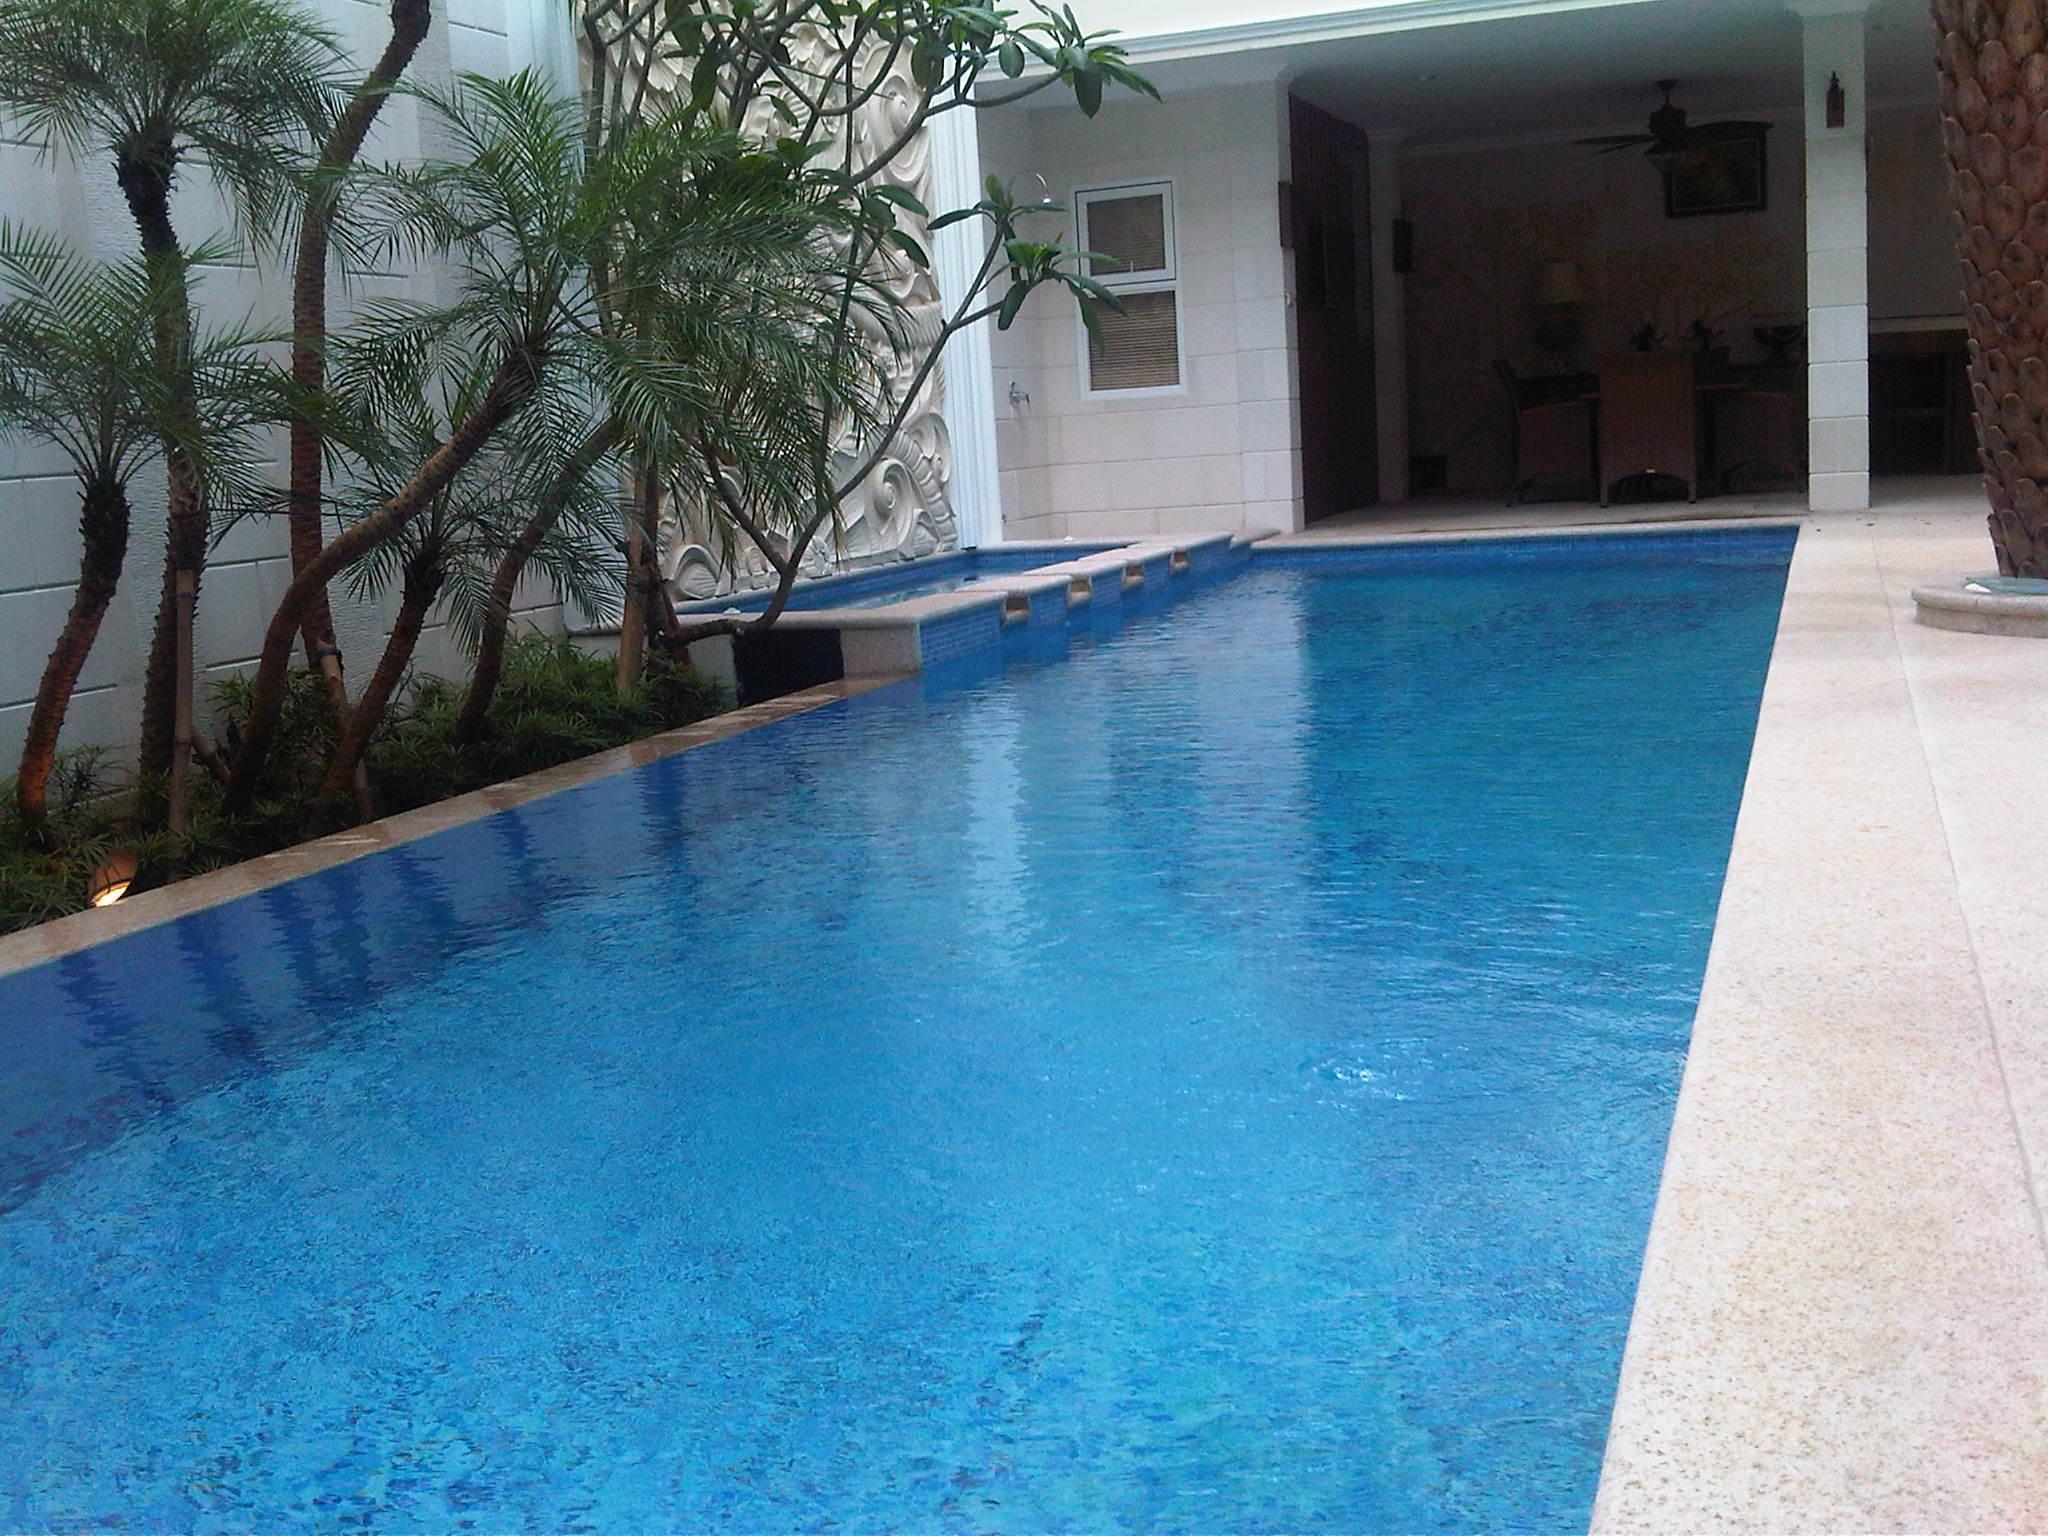 jual kolam renang pribadi tipe 2 harga murah jakarta oleh